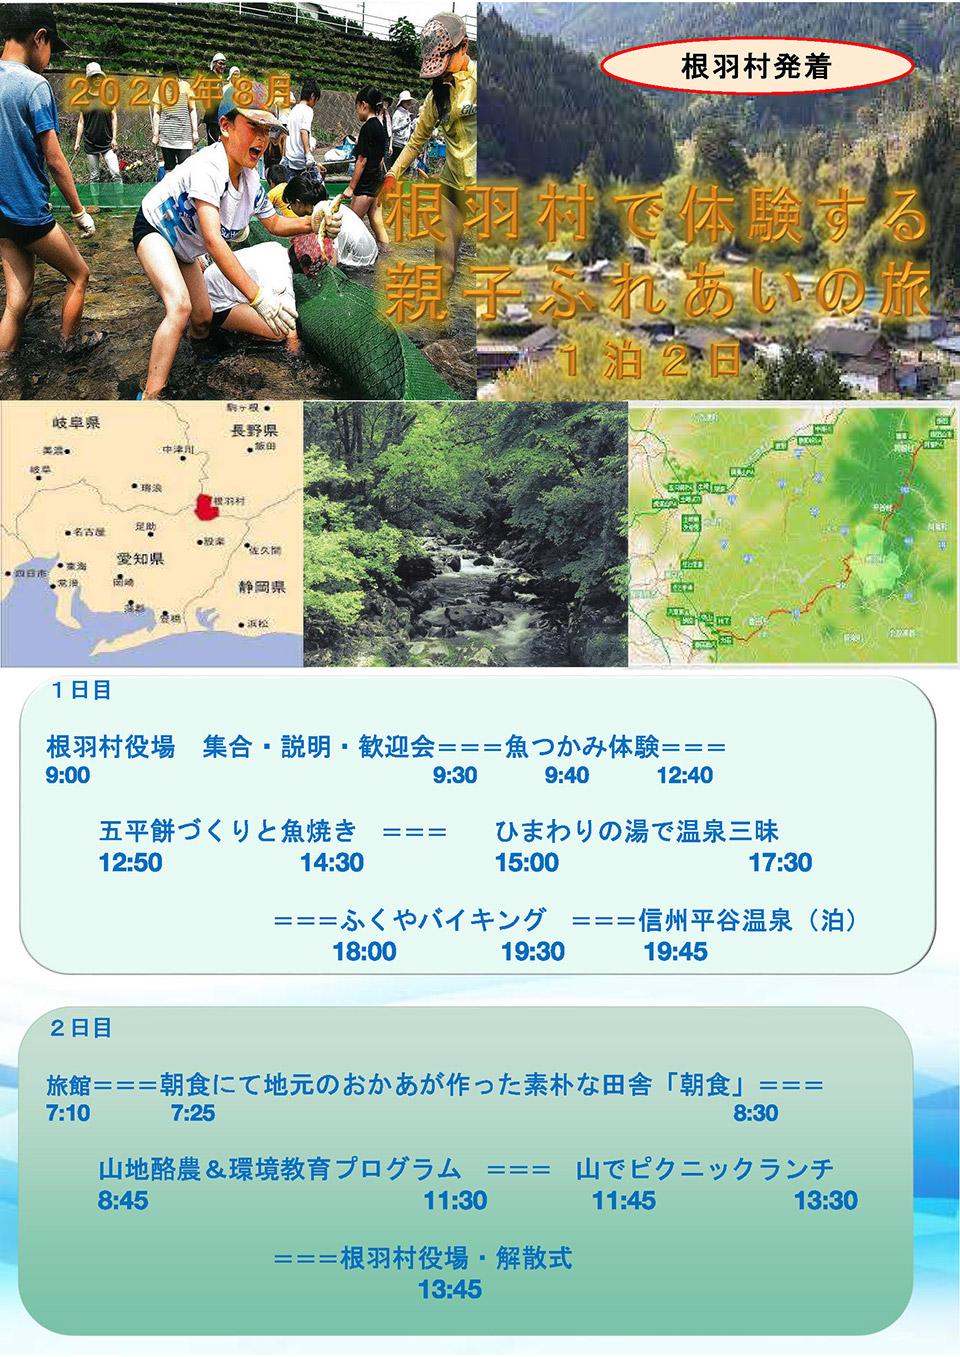 長野県 根羽村で体験する親子ふれあいの旅  東武トップツアーズの旅 ...